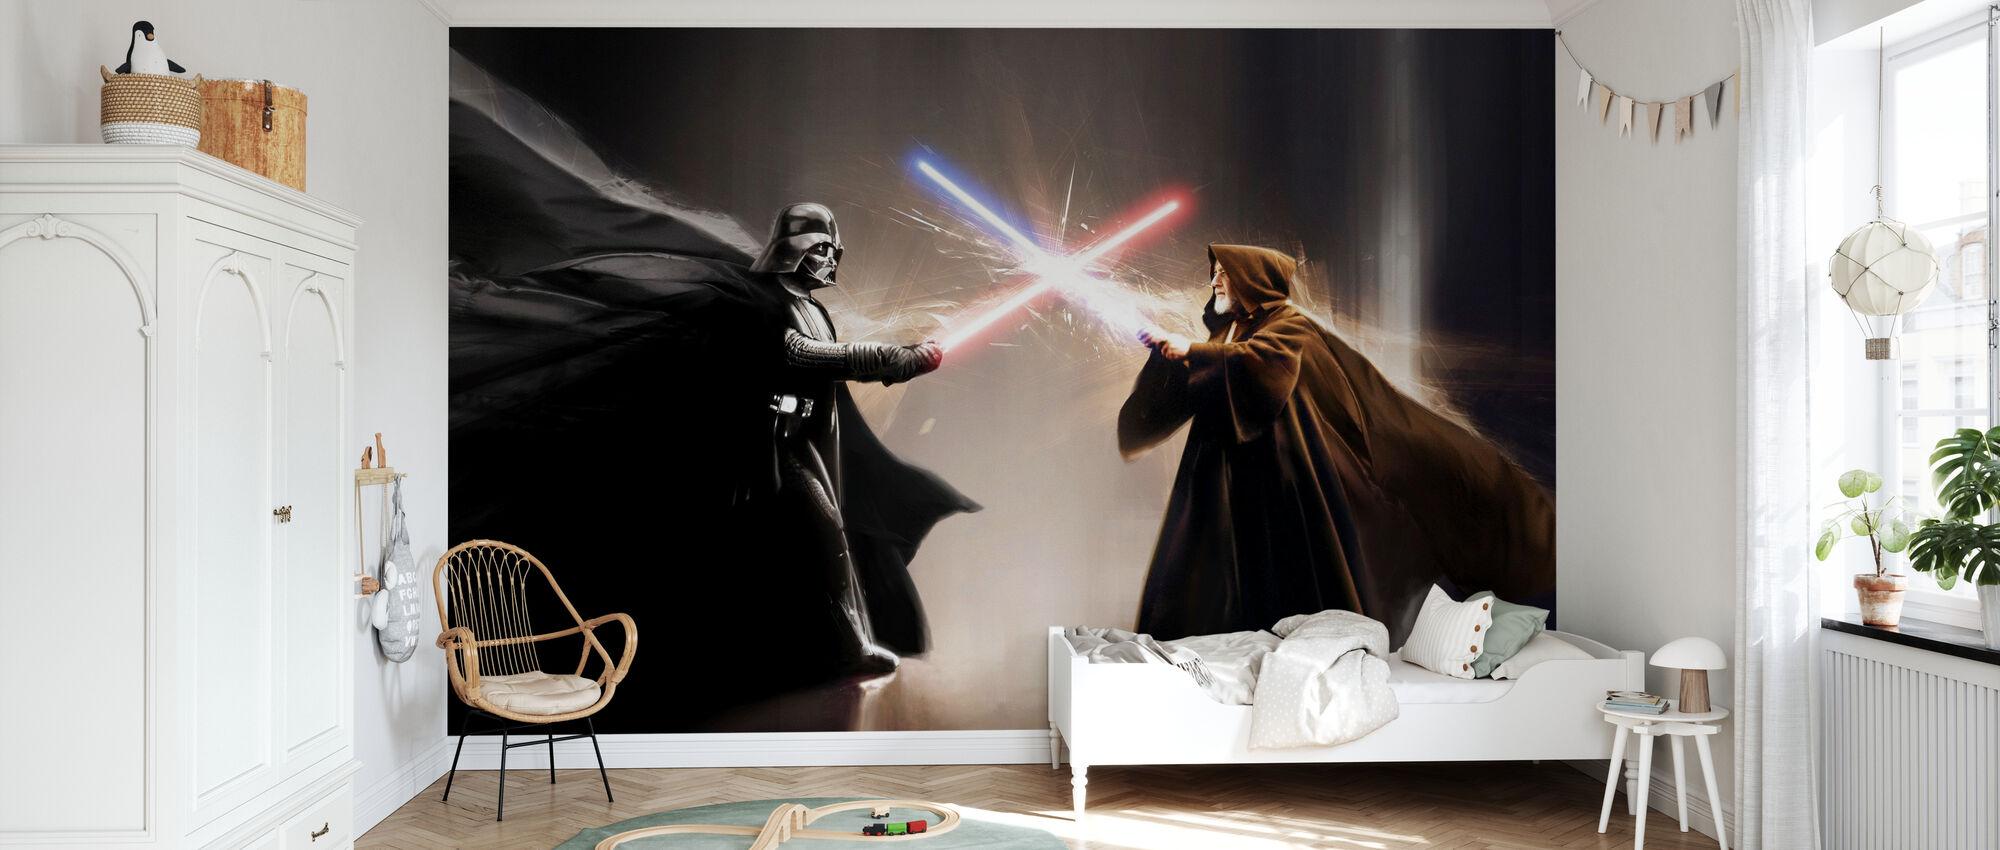 Stjärnornas krig - Darth Vader och Obi-Wan Kenobi - Tapet - Barnrum